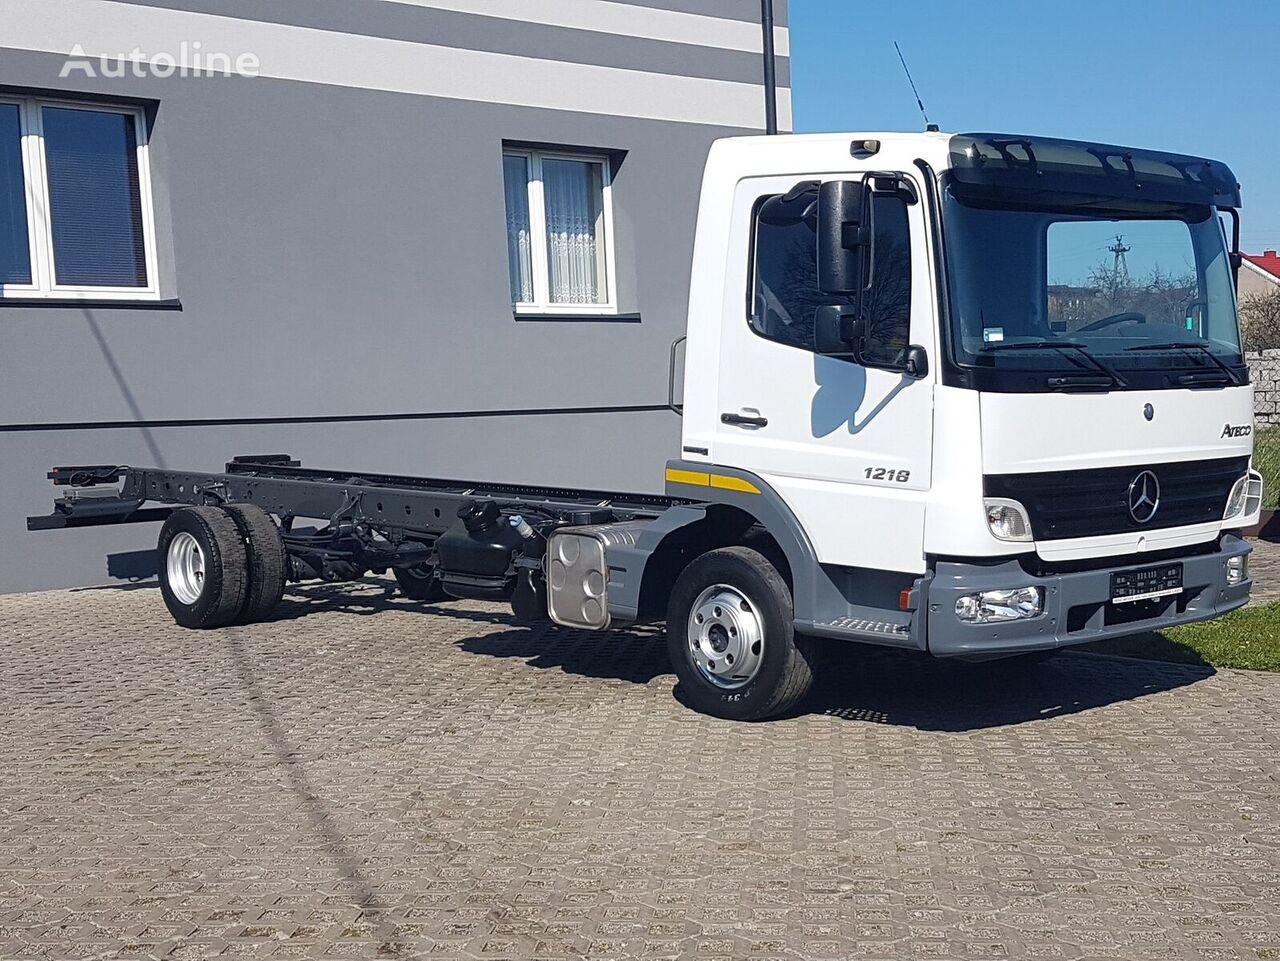 MERCEDES-BENZ ATEGO 1218 RAMA DO ZABUDOWY 4x2 BLUTEC 5 MANUAL WIDELEC ROZSTAW  chassis truck